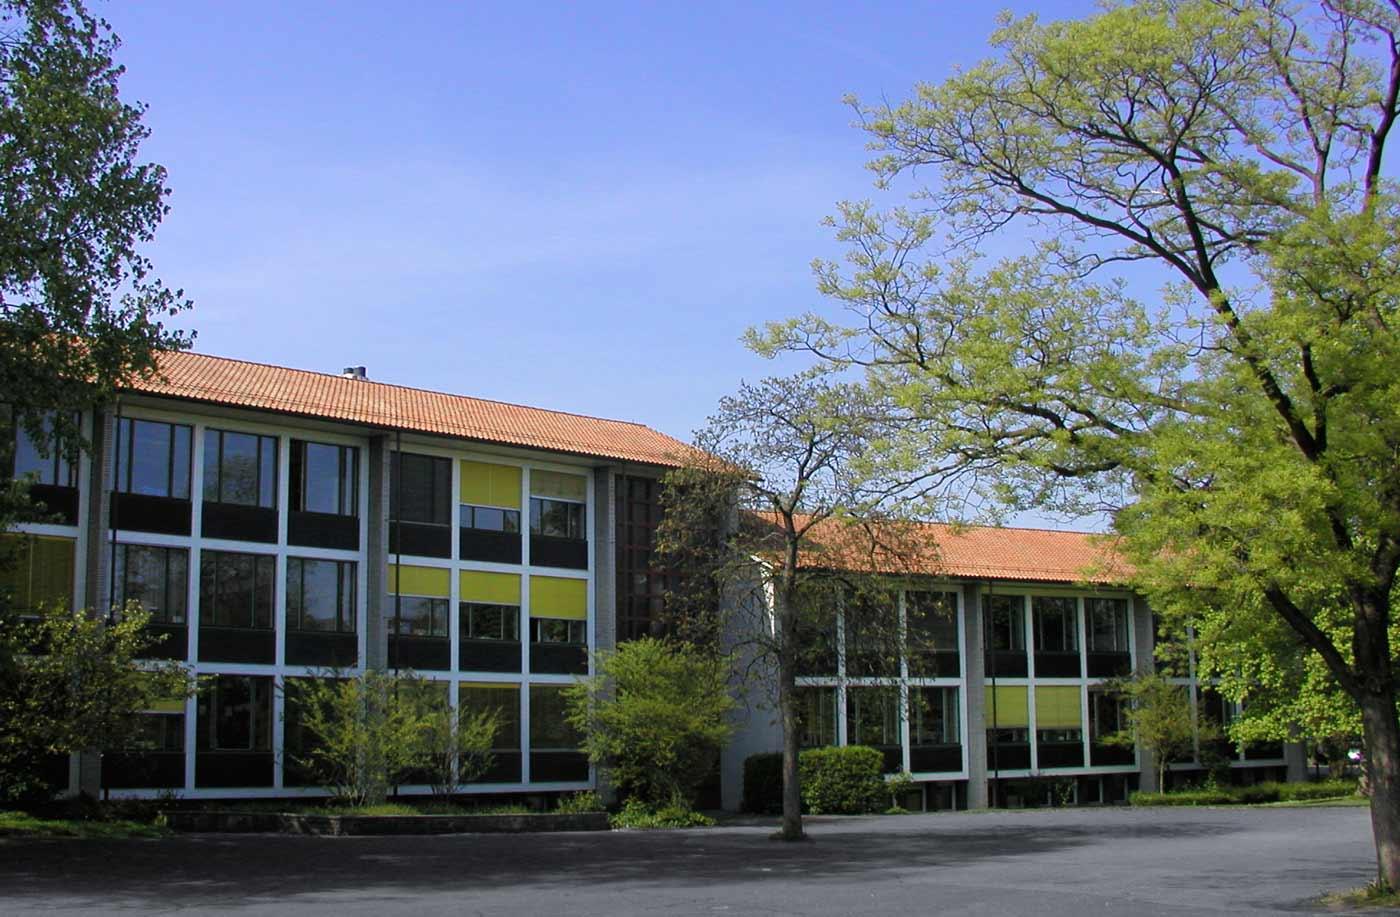 Schulhaus-Fassade-1jpg